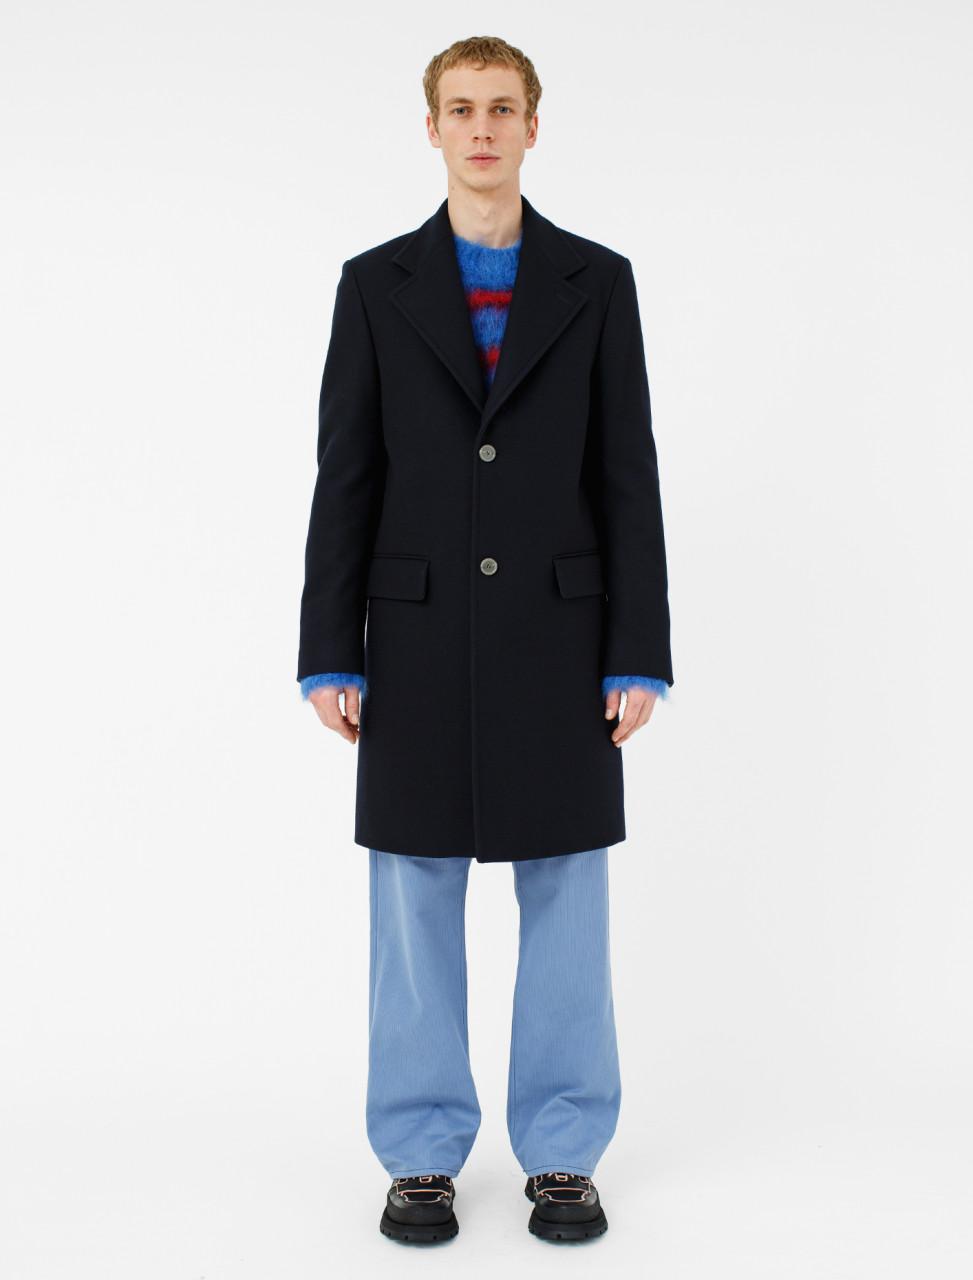 Coat in Blue Navy